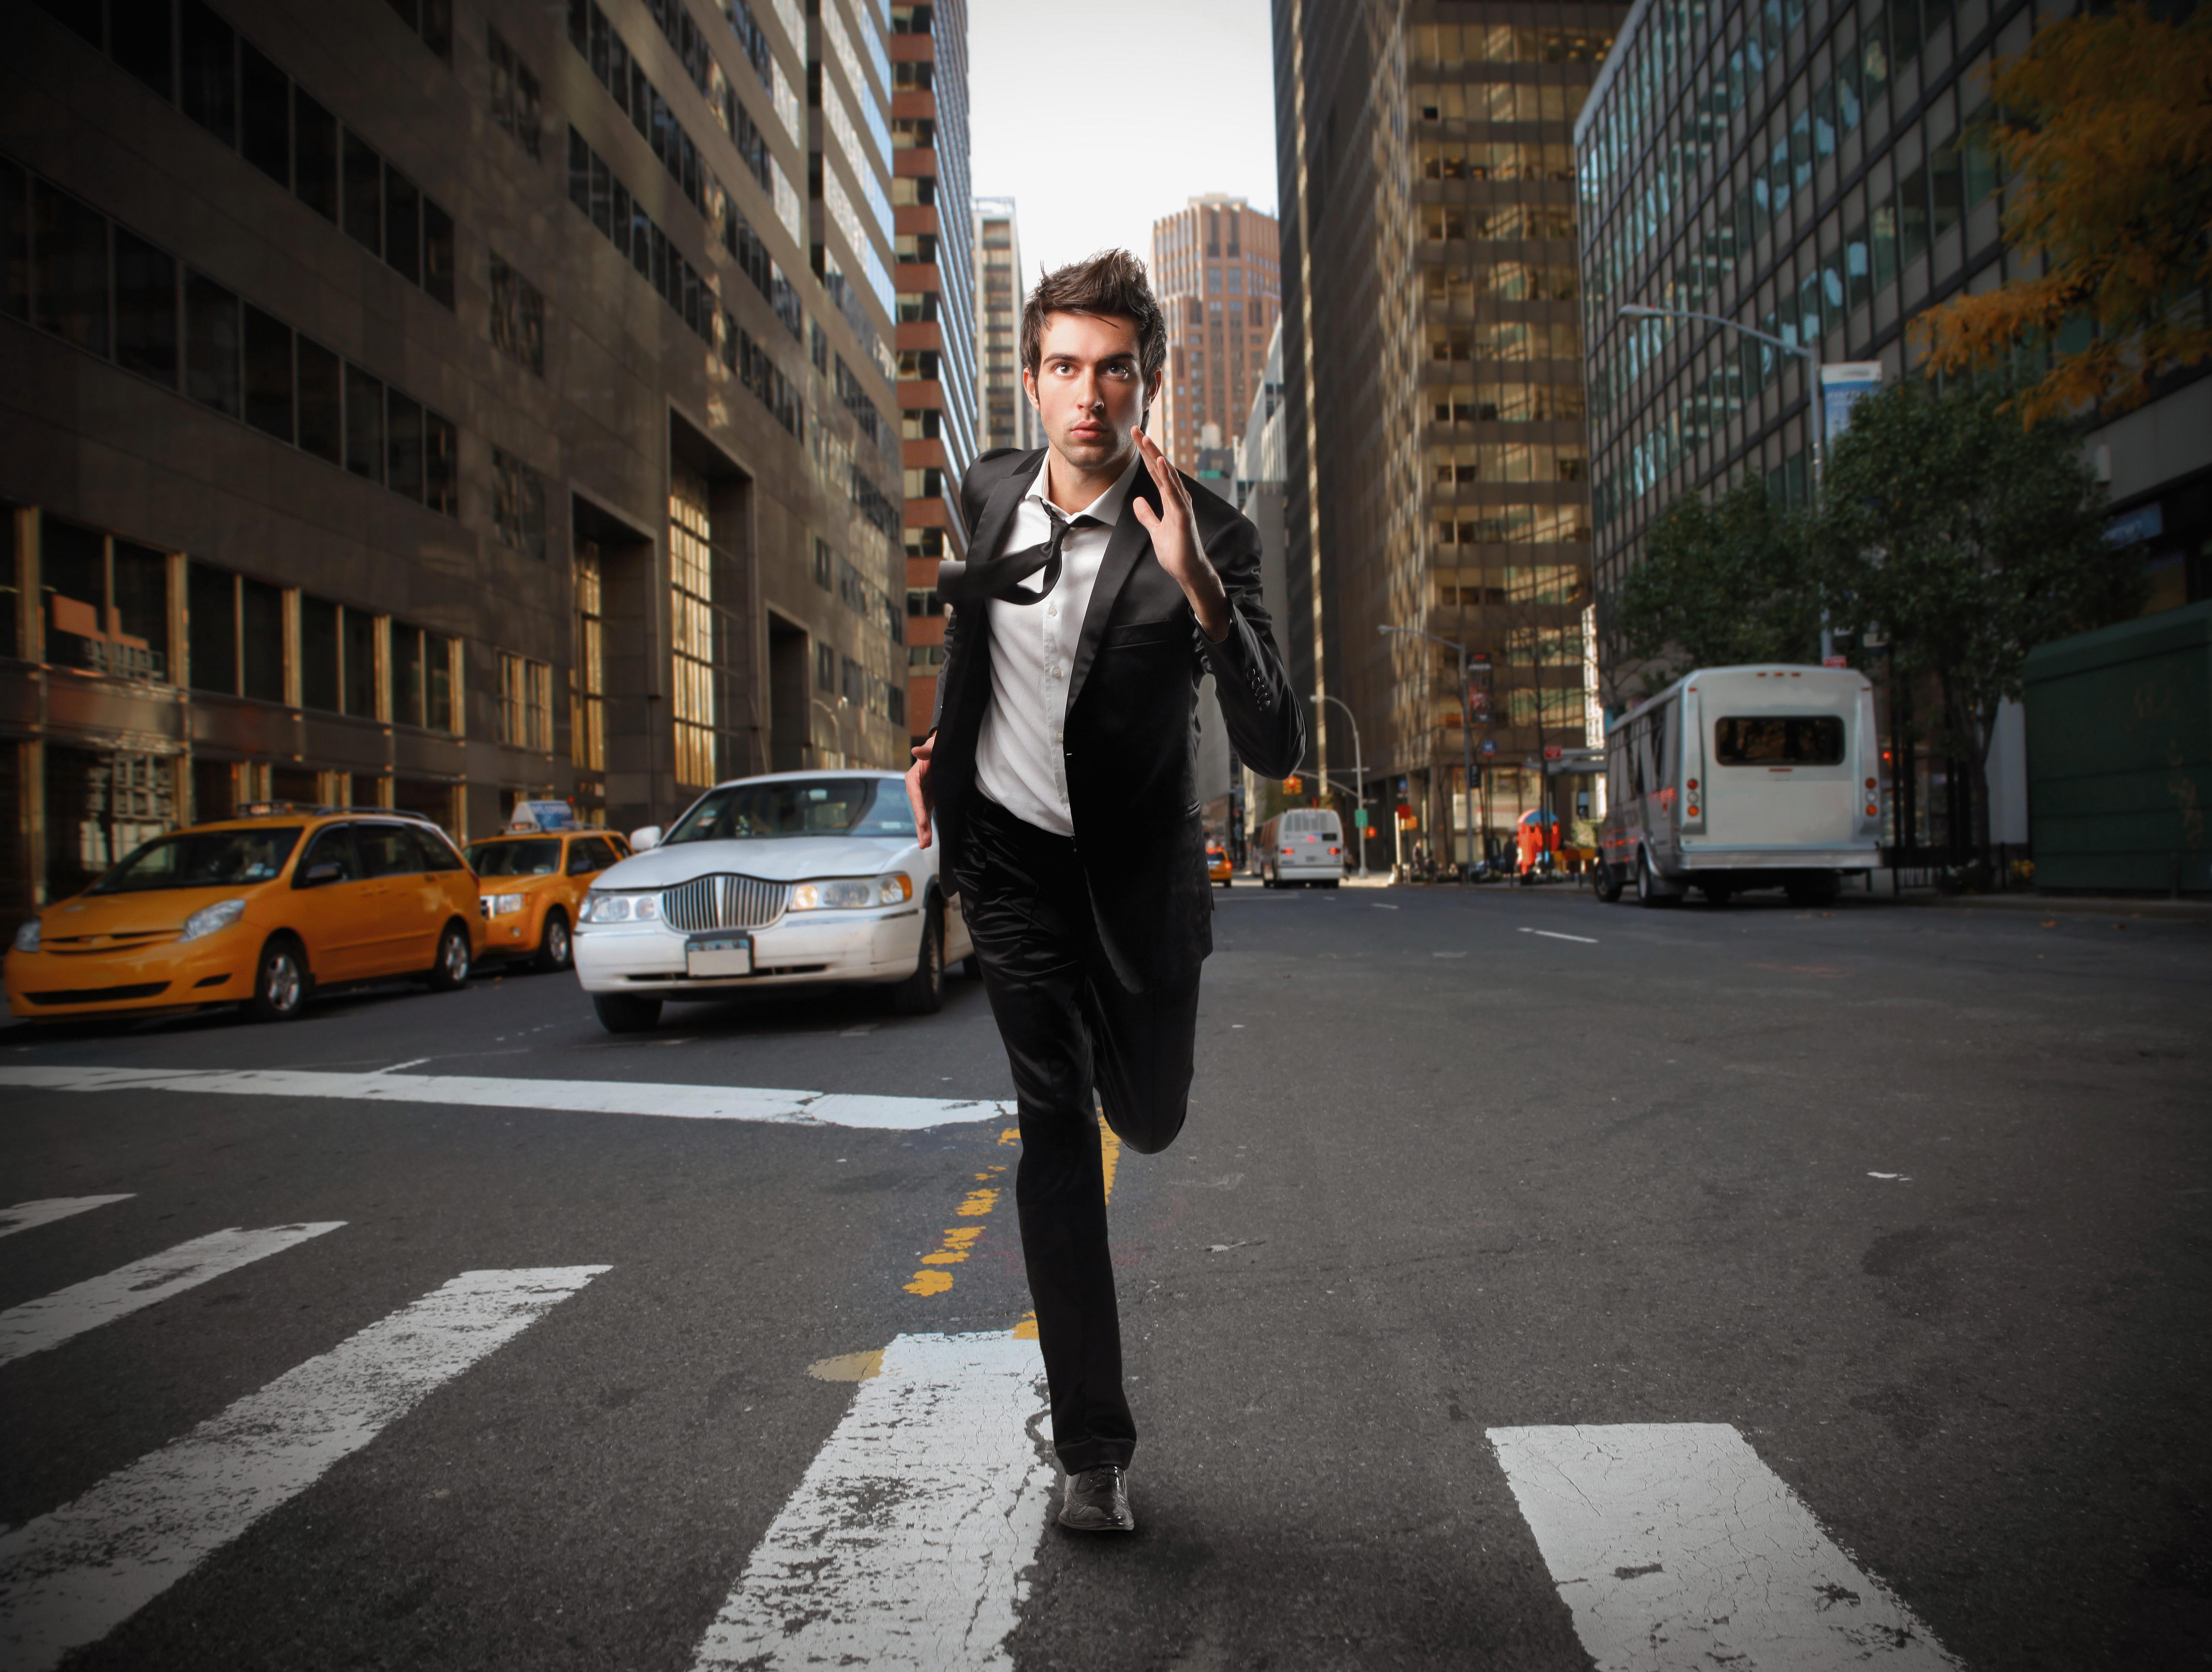 стоит фото человека идущего на работу они будут